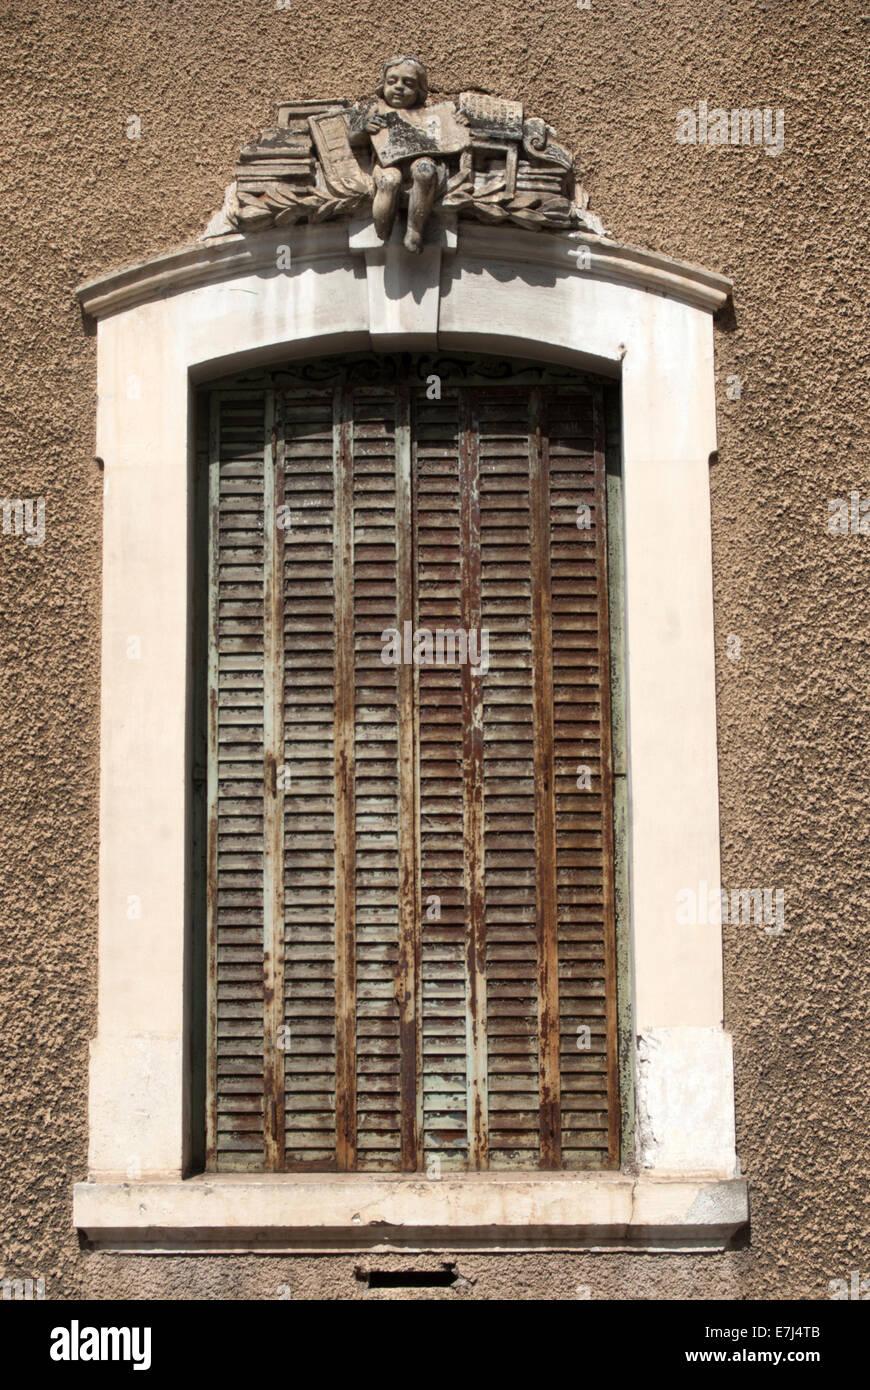 Alte Fensterläden shabby Holzfenster, Cahors Stockfoto, Bild